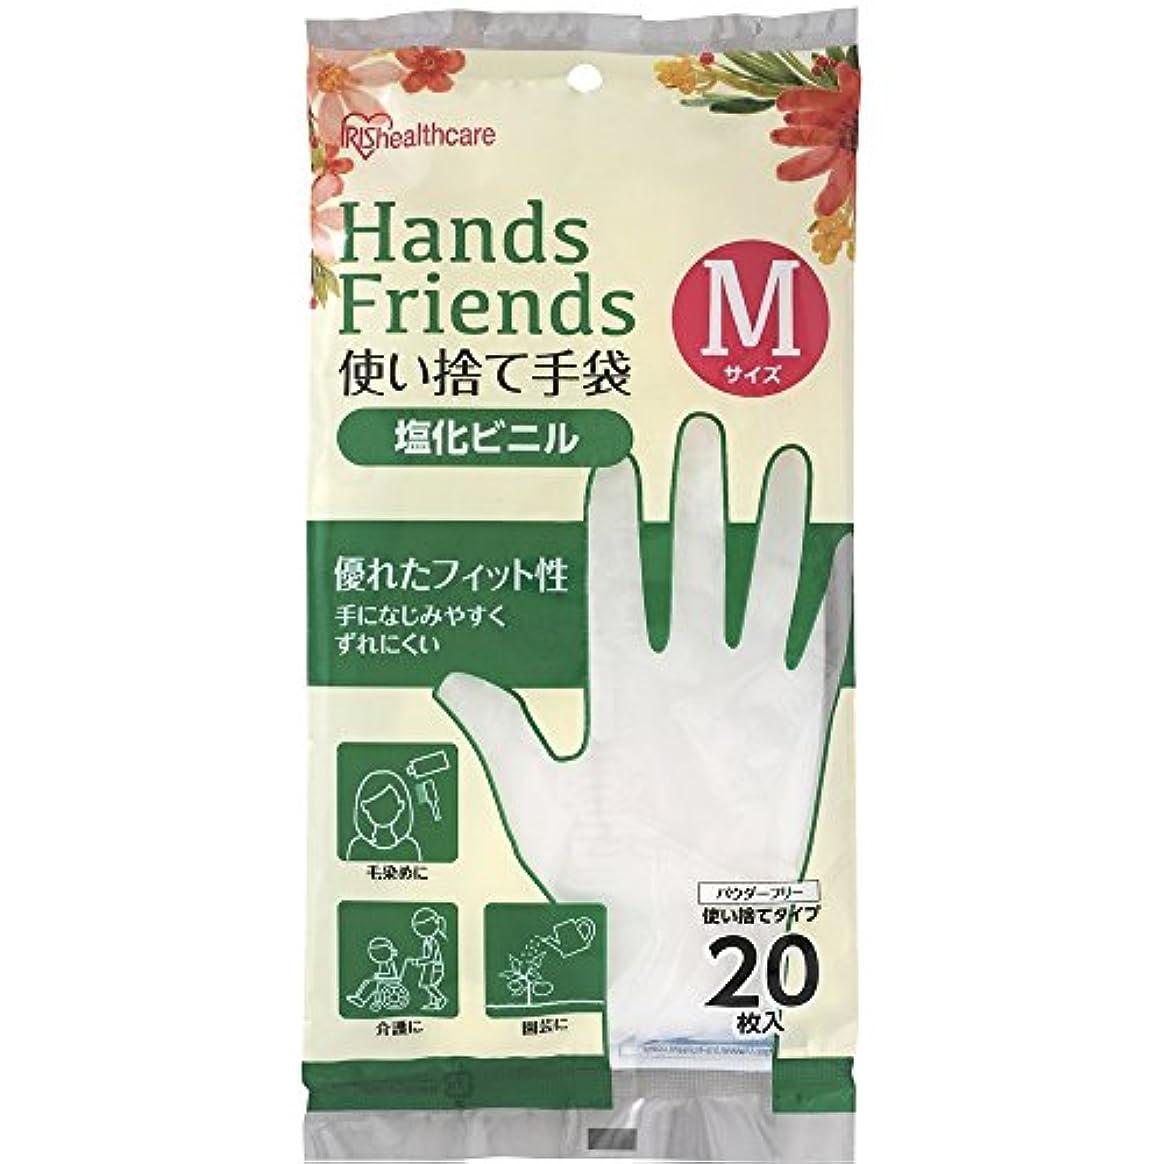 激しい彫刻家春使い捨て手袋 クリア 塩化ビニル 20枚 Mサイズ PVC-20M